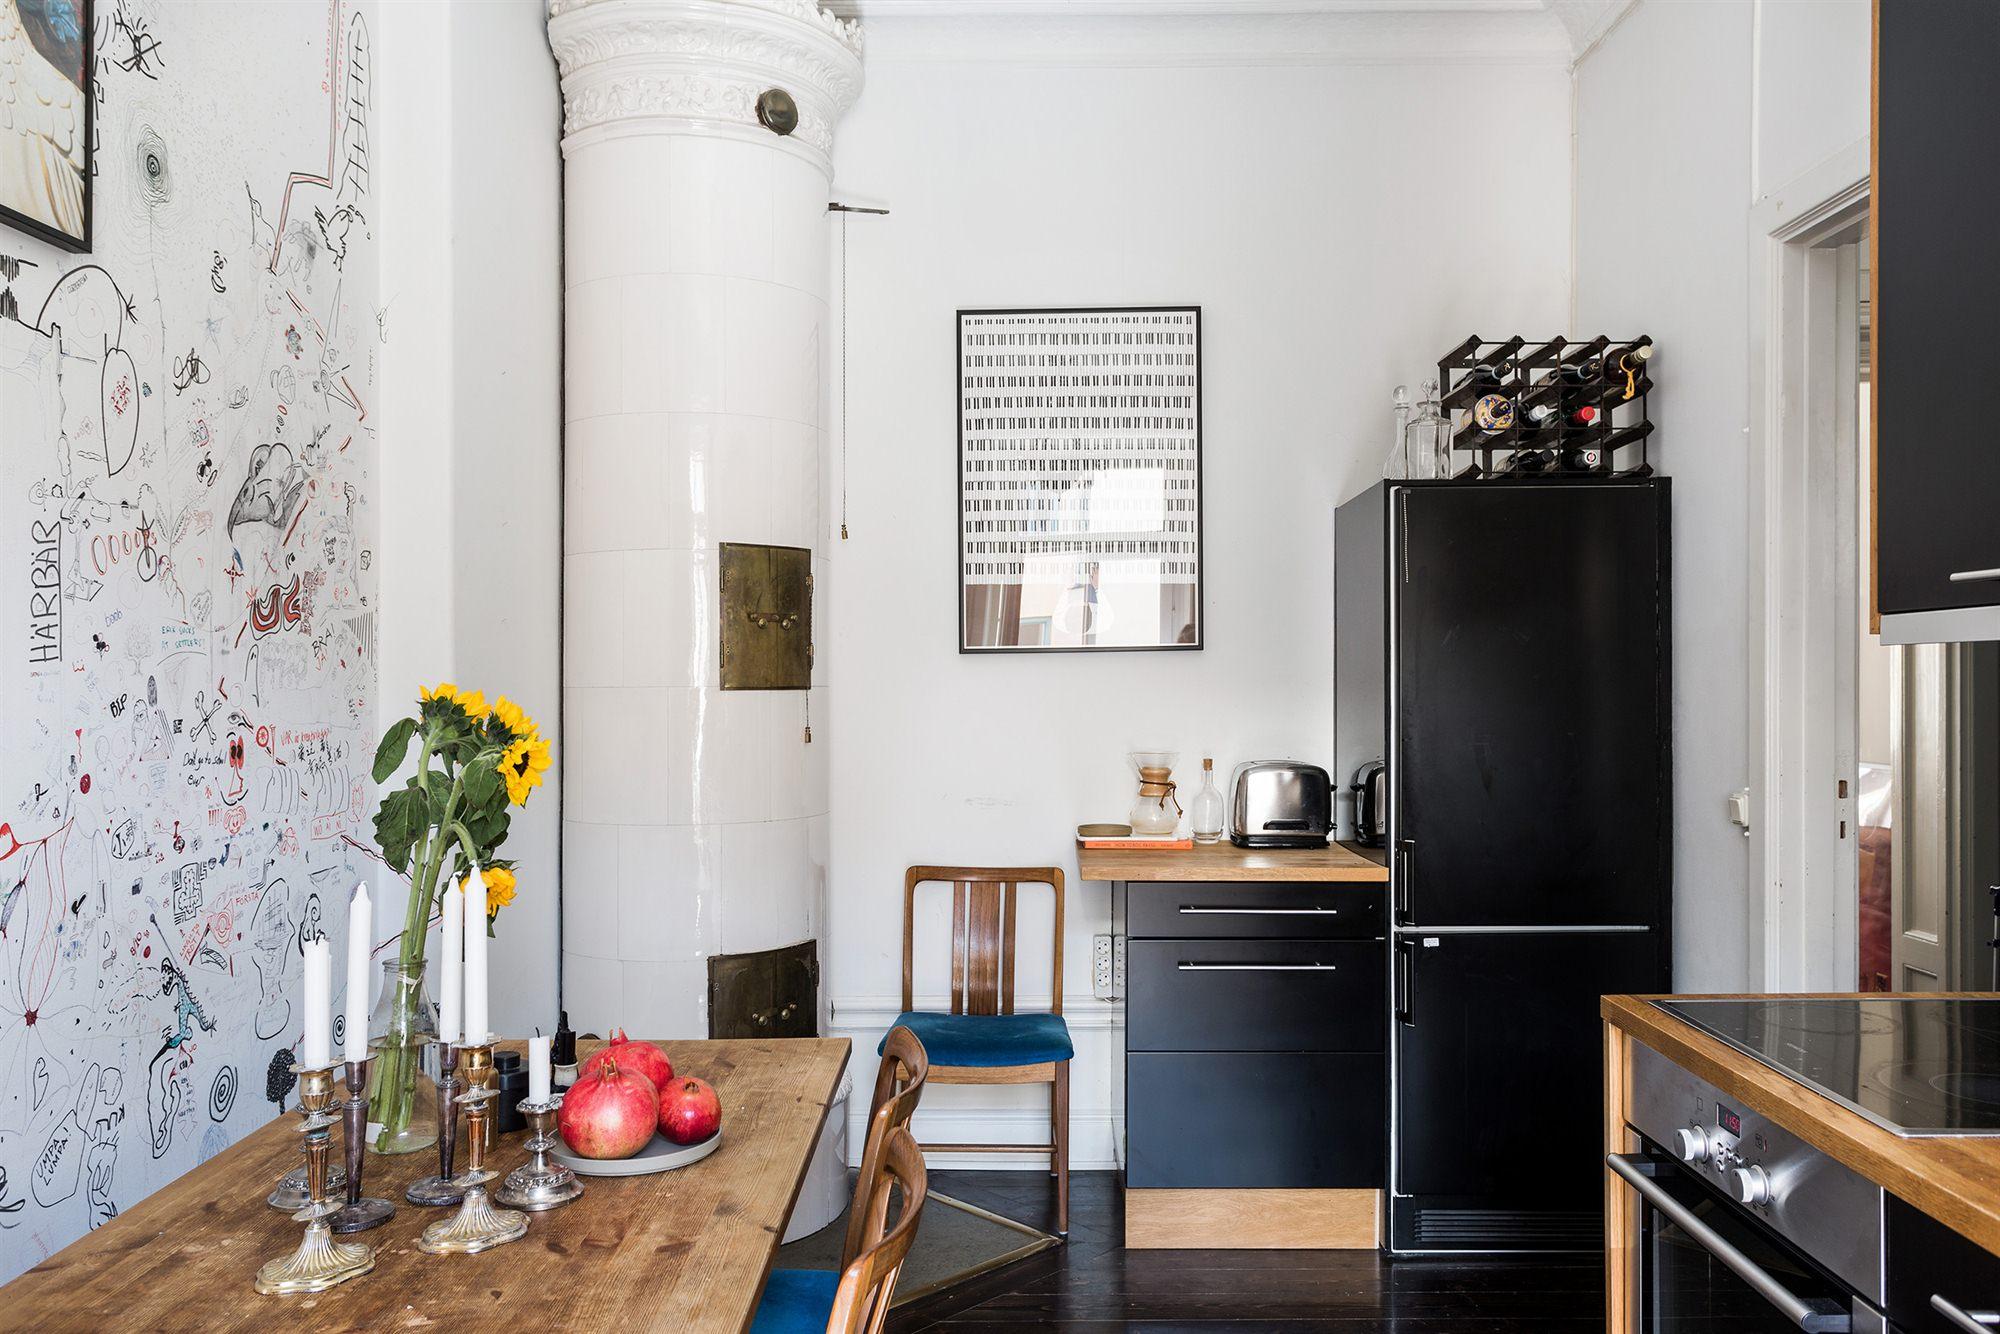 Gezellige woonkeuken in een klein appartement interieur inrichting